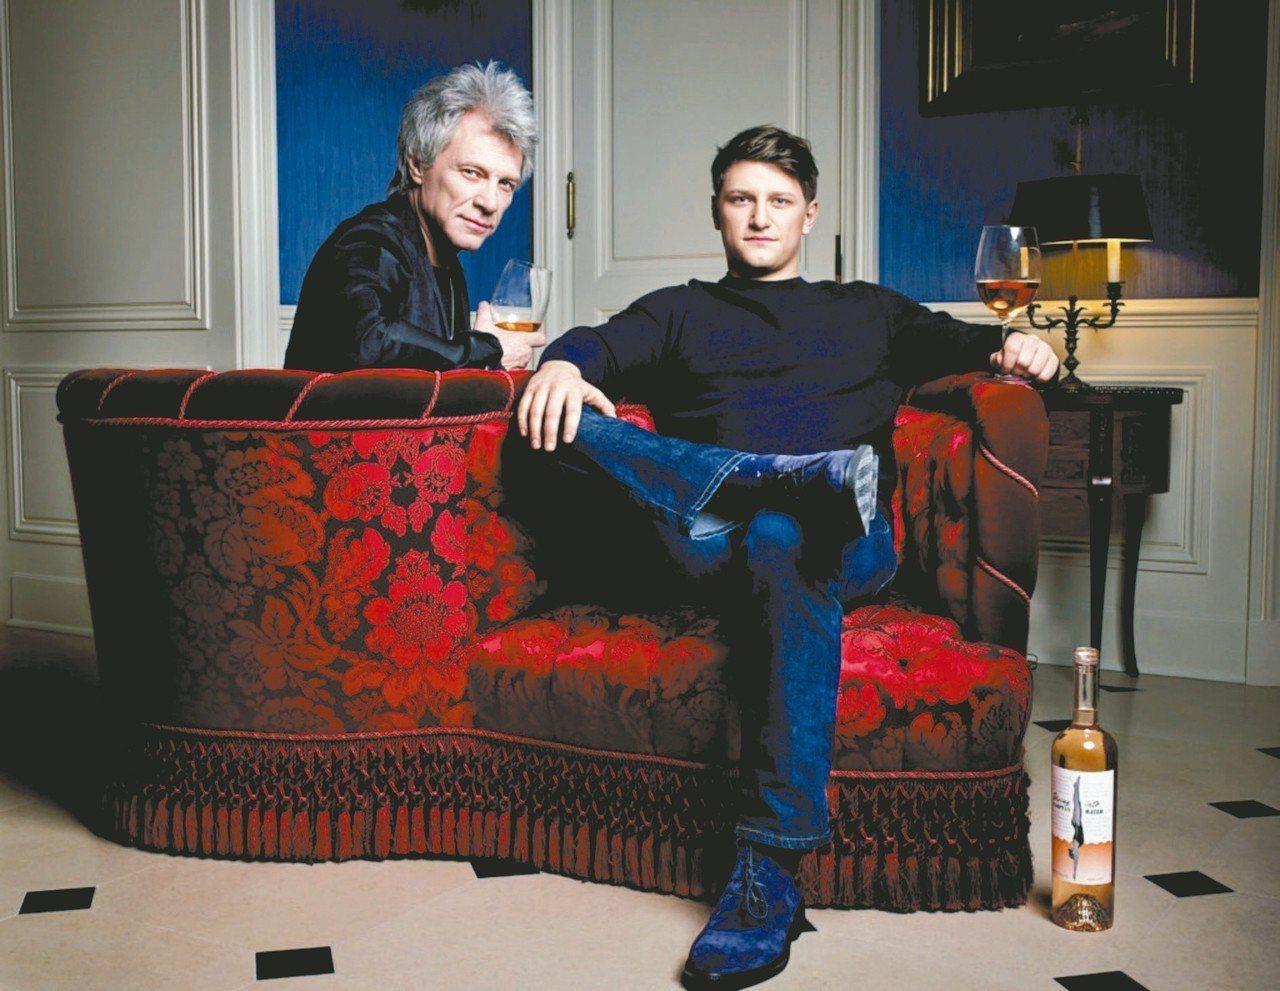 瑞銀集團(UBS)續推年輕繼承人計畫,舉辦雞尾酒會,藉此拉攏新世代客戶。圖為邦喬...